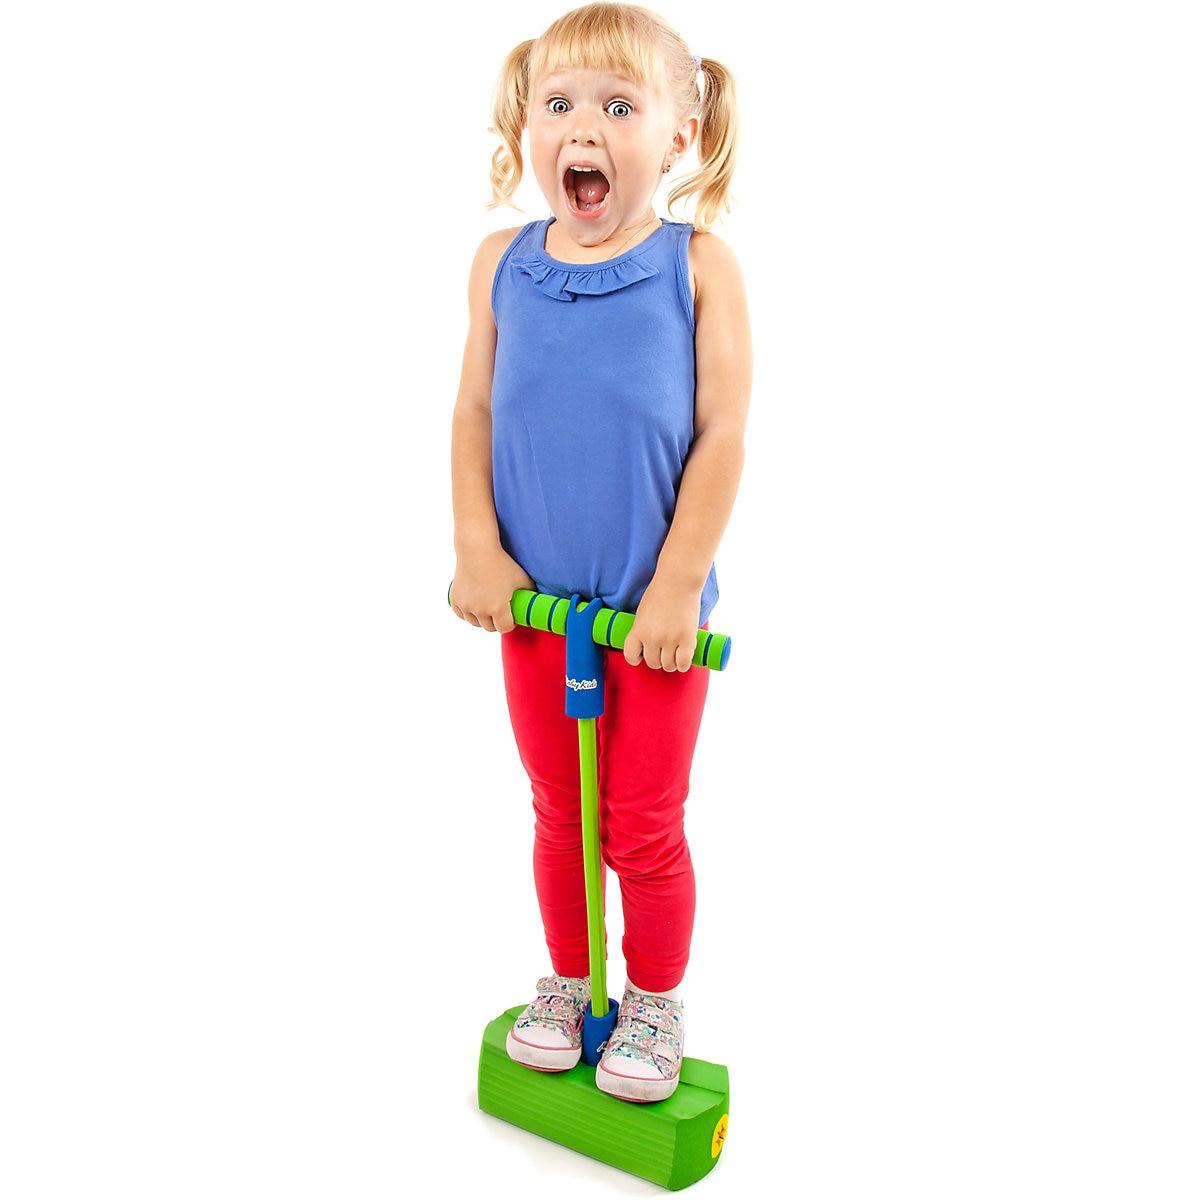 MOBY enfants bébé activité gymnastique 6844287 bambin jouets exercice machine pour sauter pour les filles et les garçons MTpromo - 3